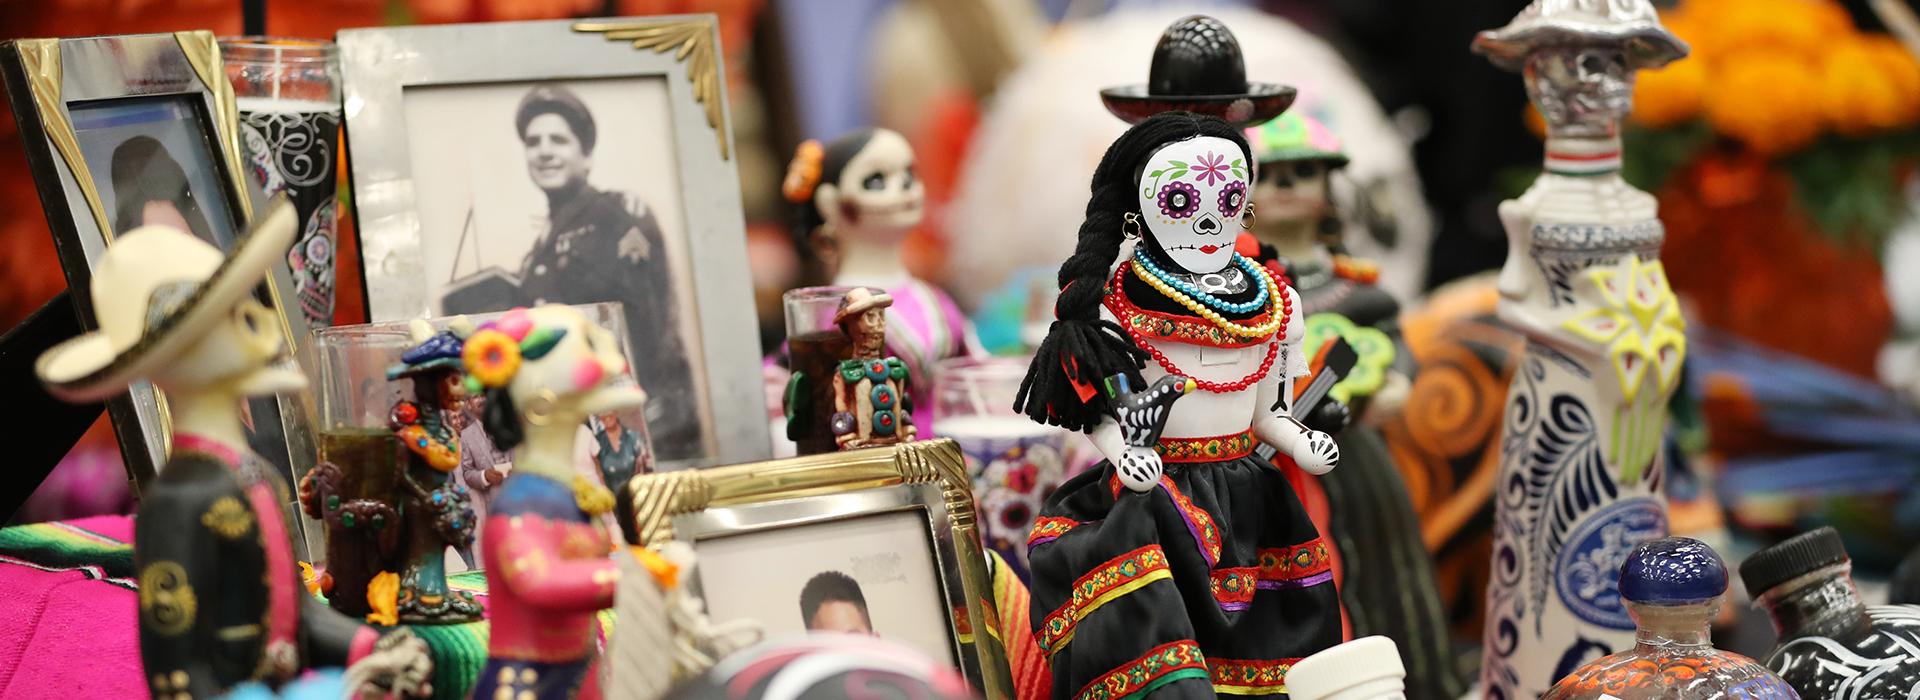 Cal State San Bernardino to celebrate Dia de los Muertos on Nov. 5